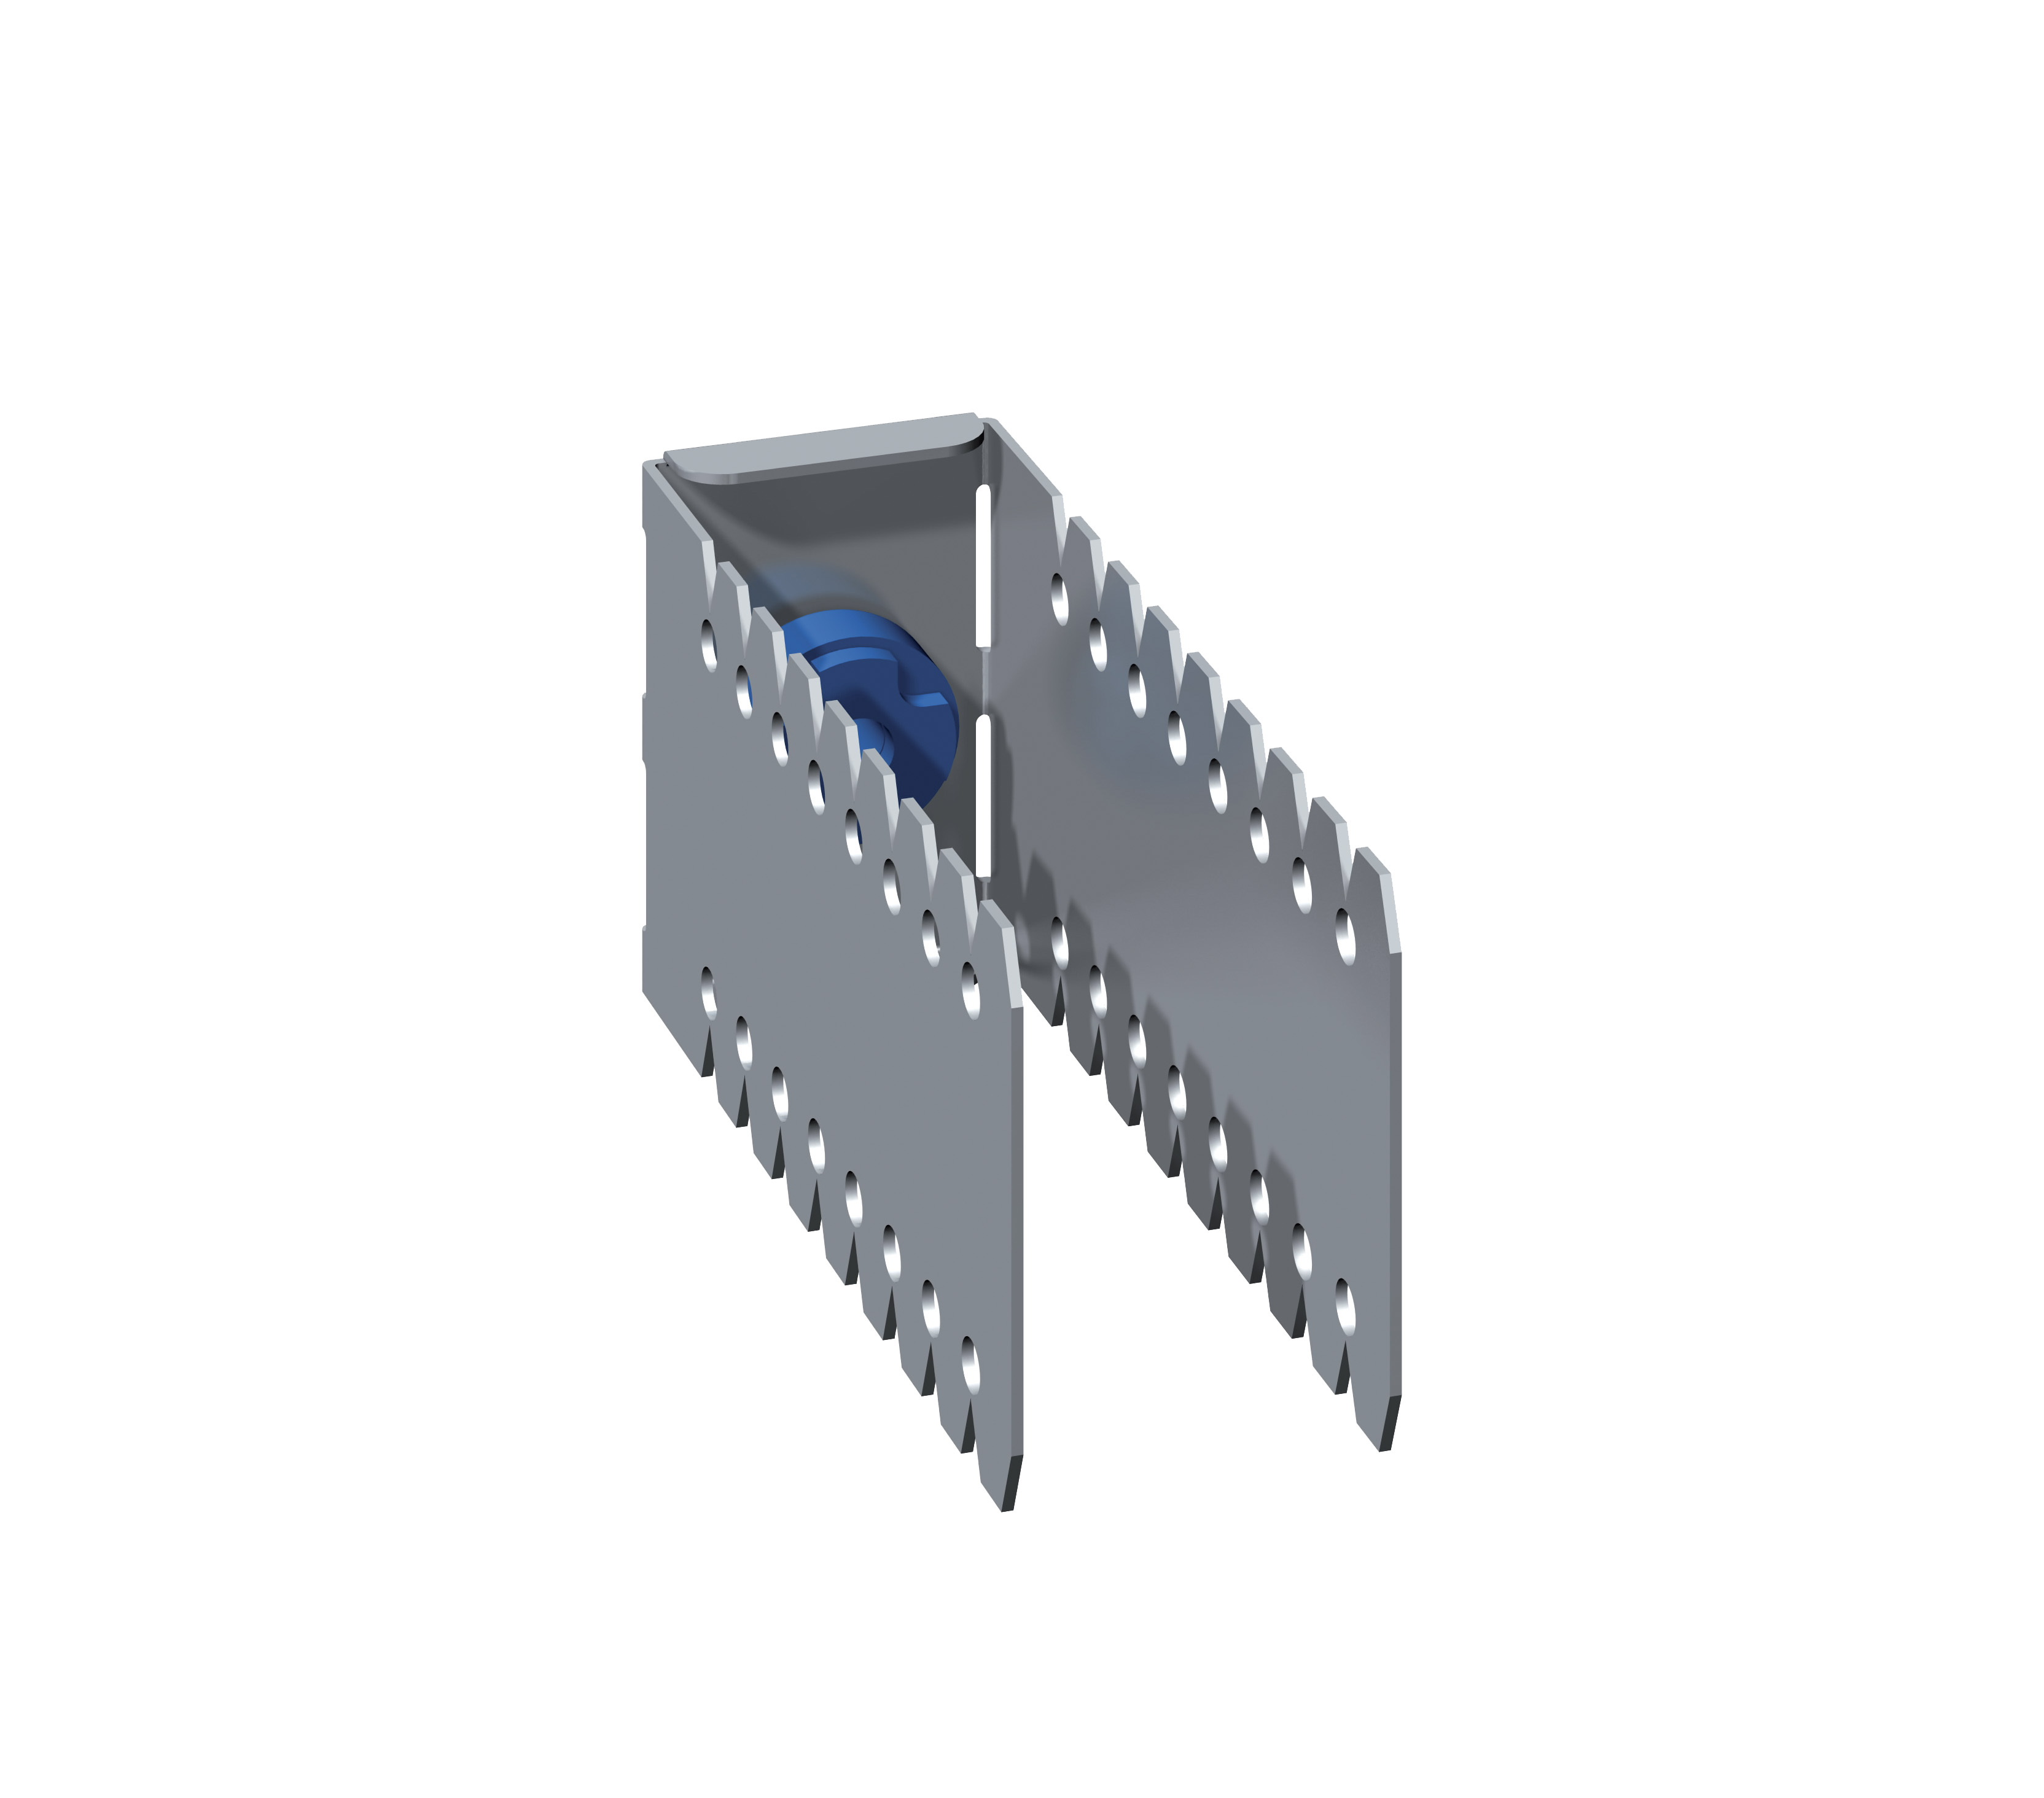 GYPSOTECH® STAFFA REGISTRABILE SILENS 30x50-100-150-200: GYPSOTECH® STAFFA REGISTRABILE SILENS 30x50-100-150-200